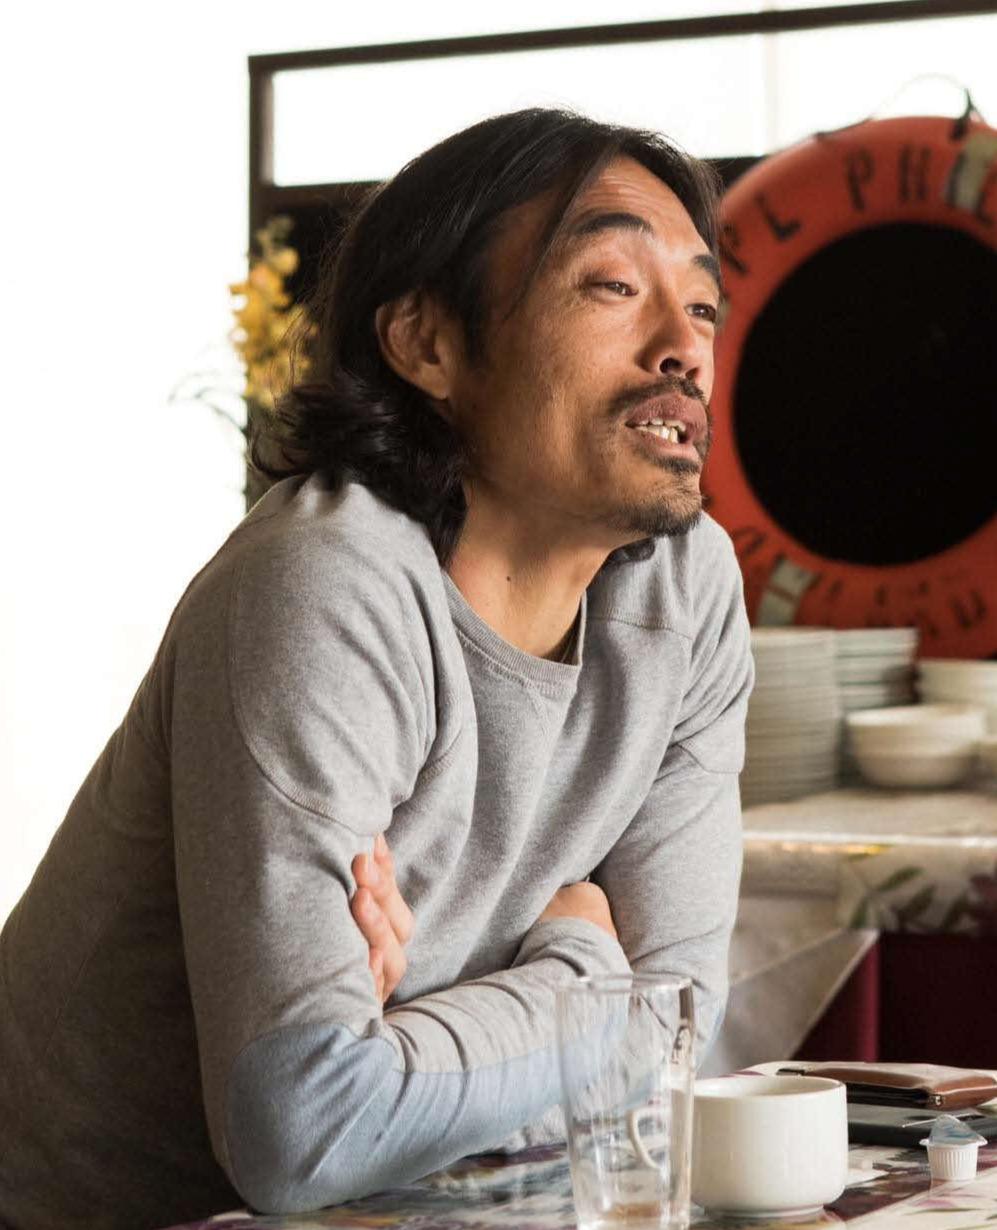 0円Jリーガーとして奮闘するYS横浜のFW安彦